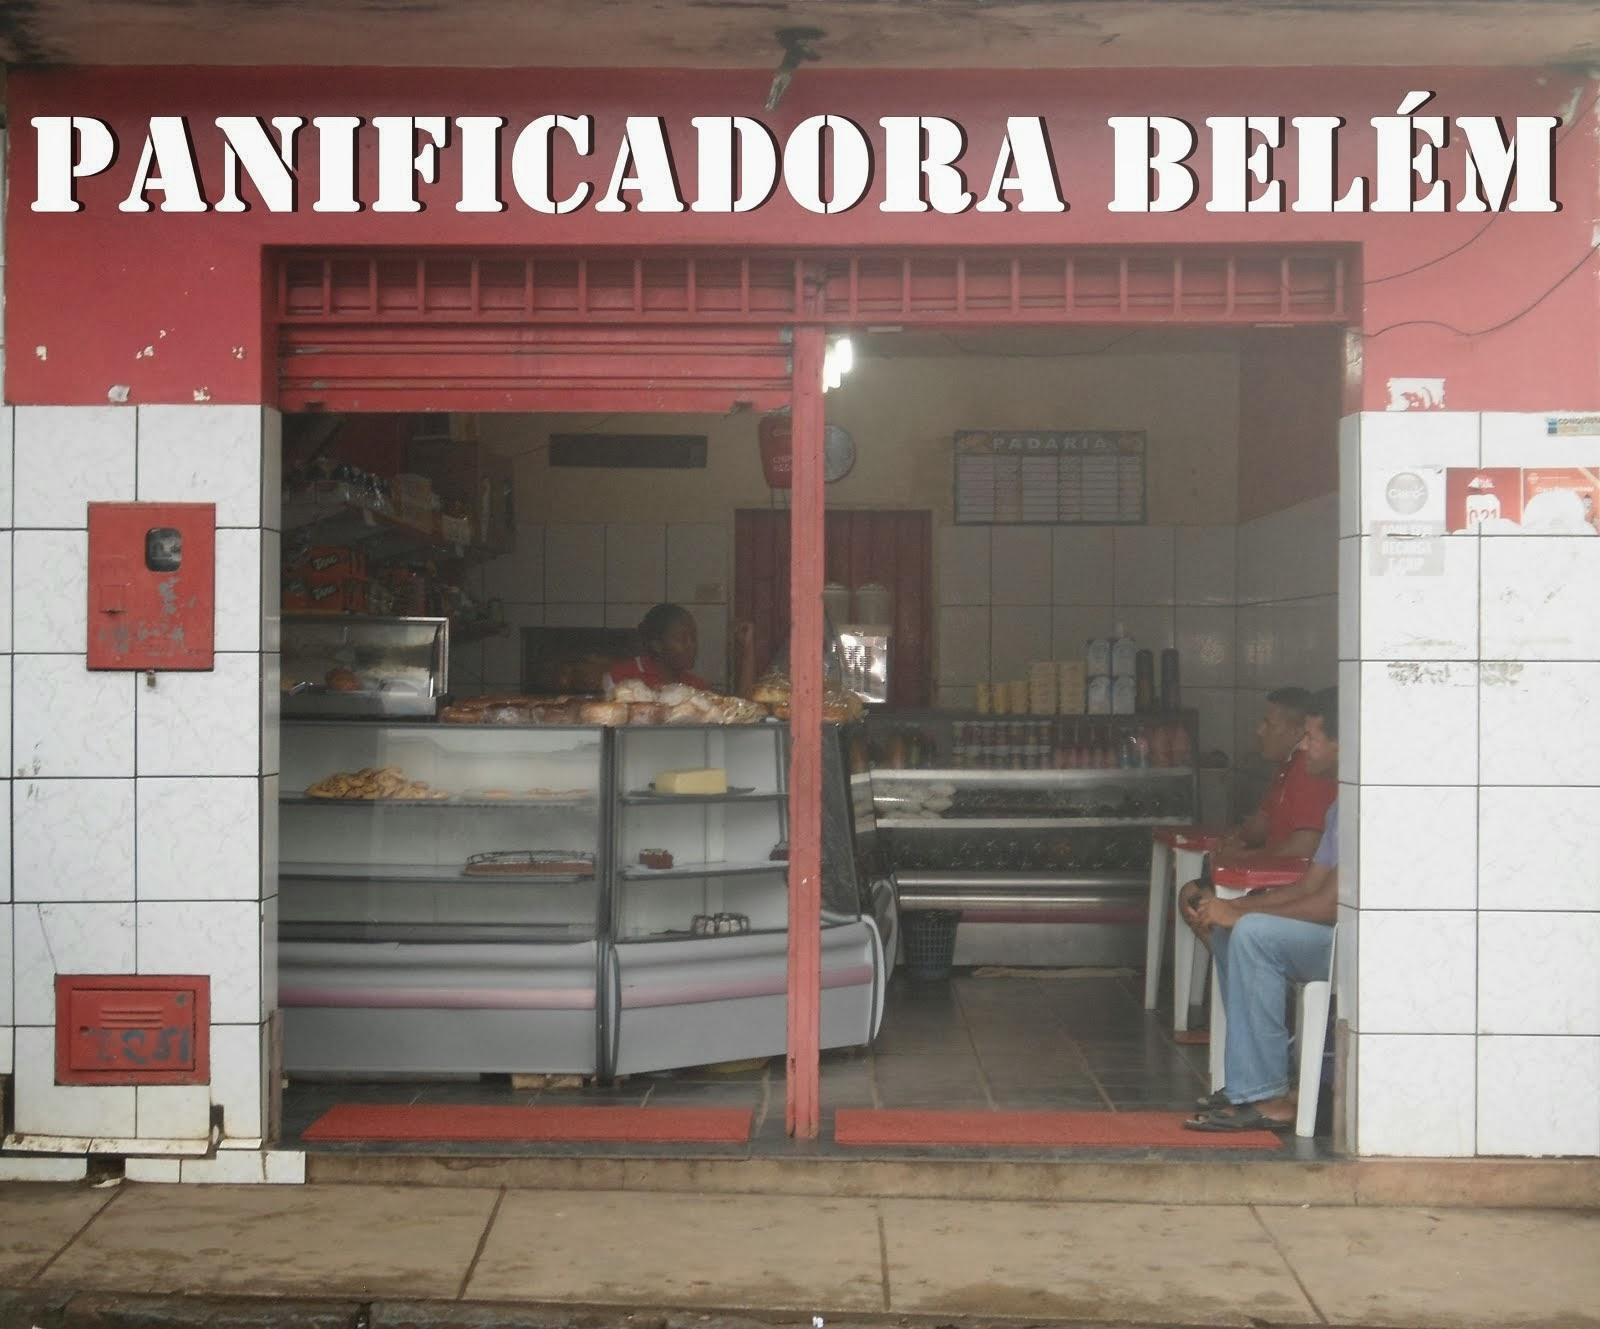 PANIFICADORA  BELÉM